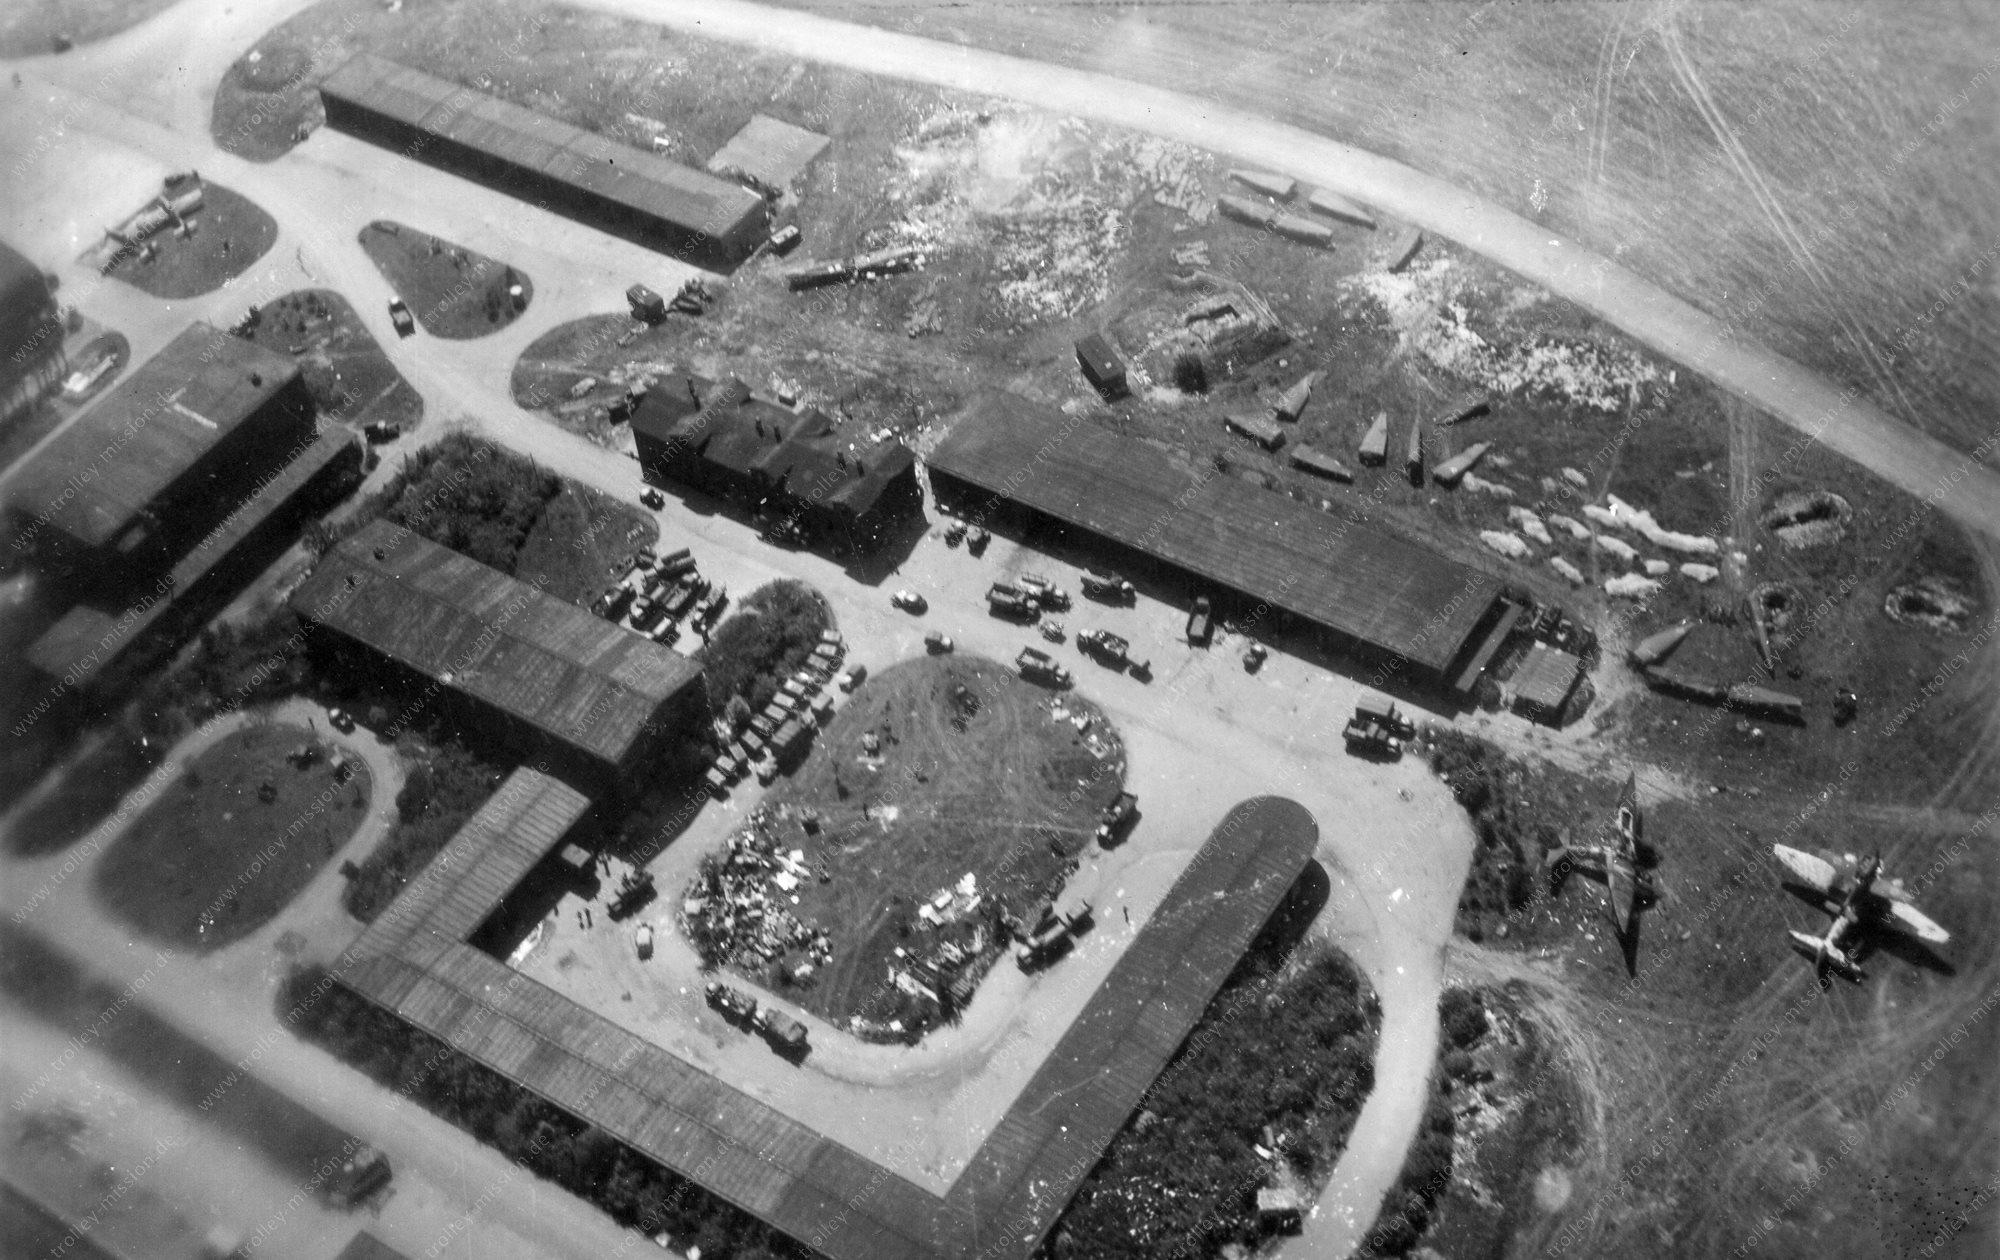 Flugplatz Merseburg - Luftbild aus dem Zweiten Weltkrieg